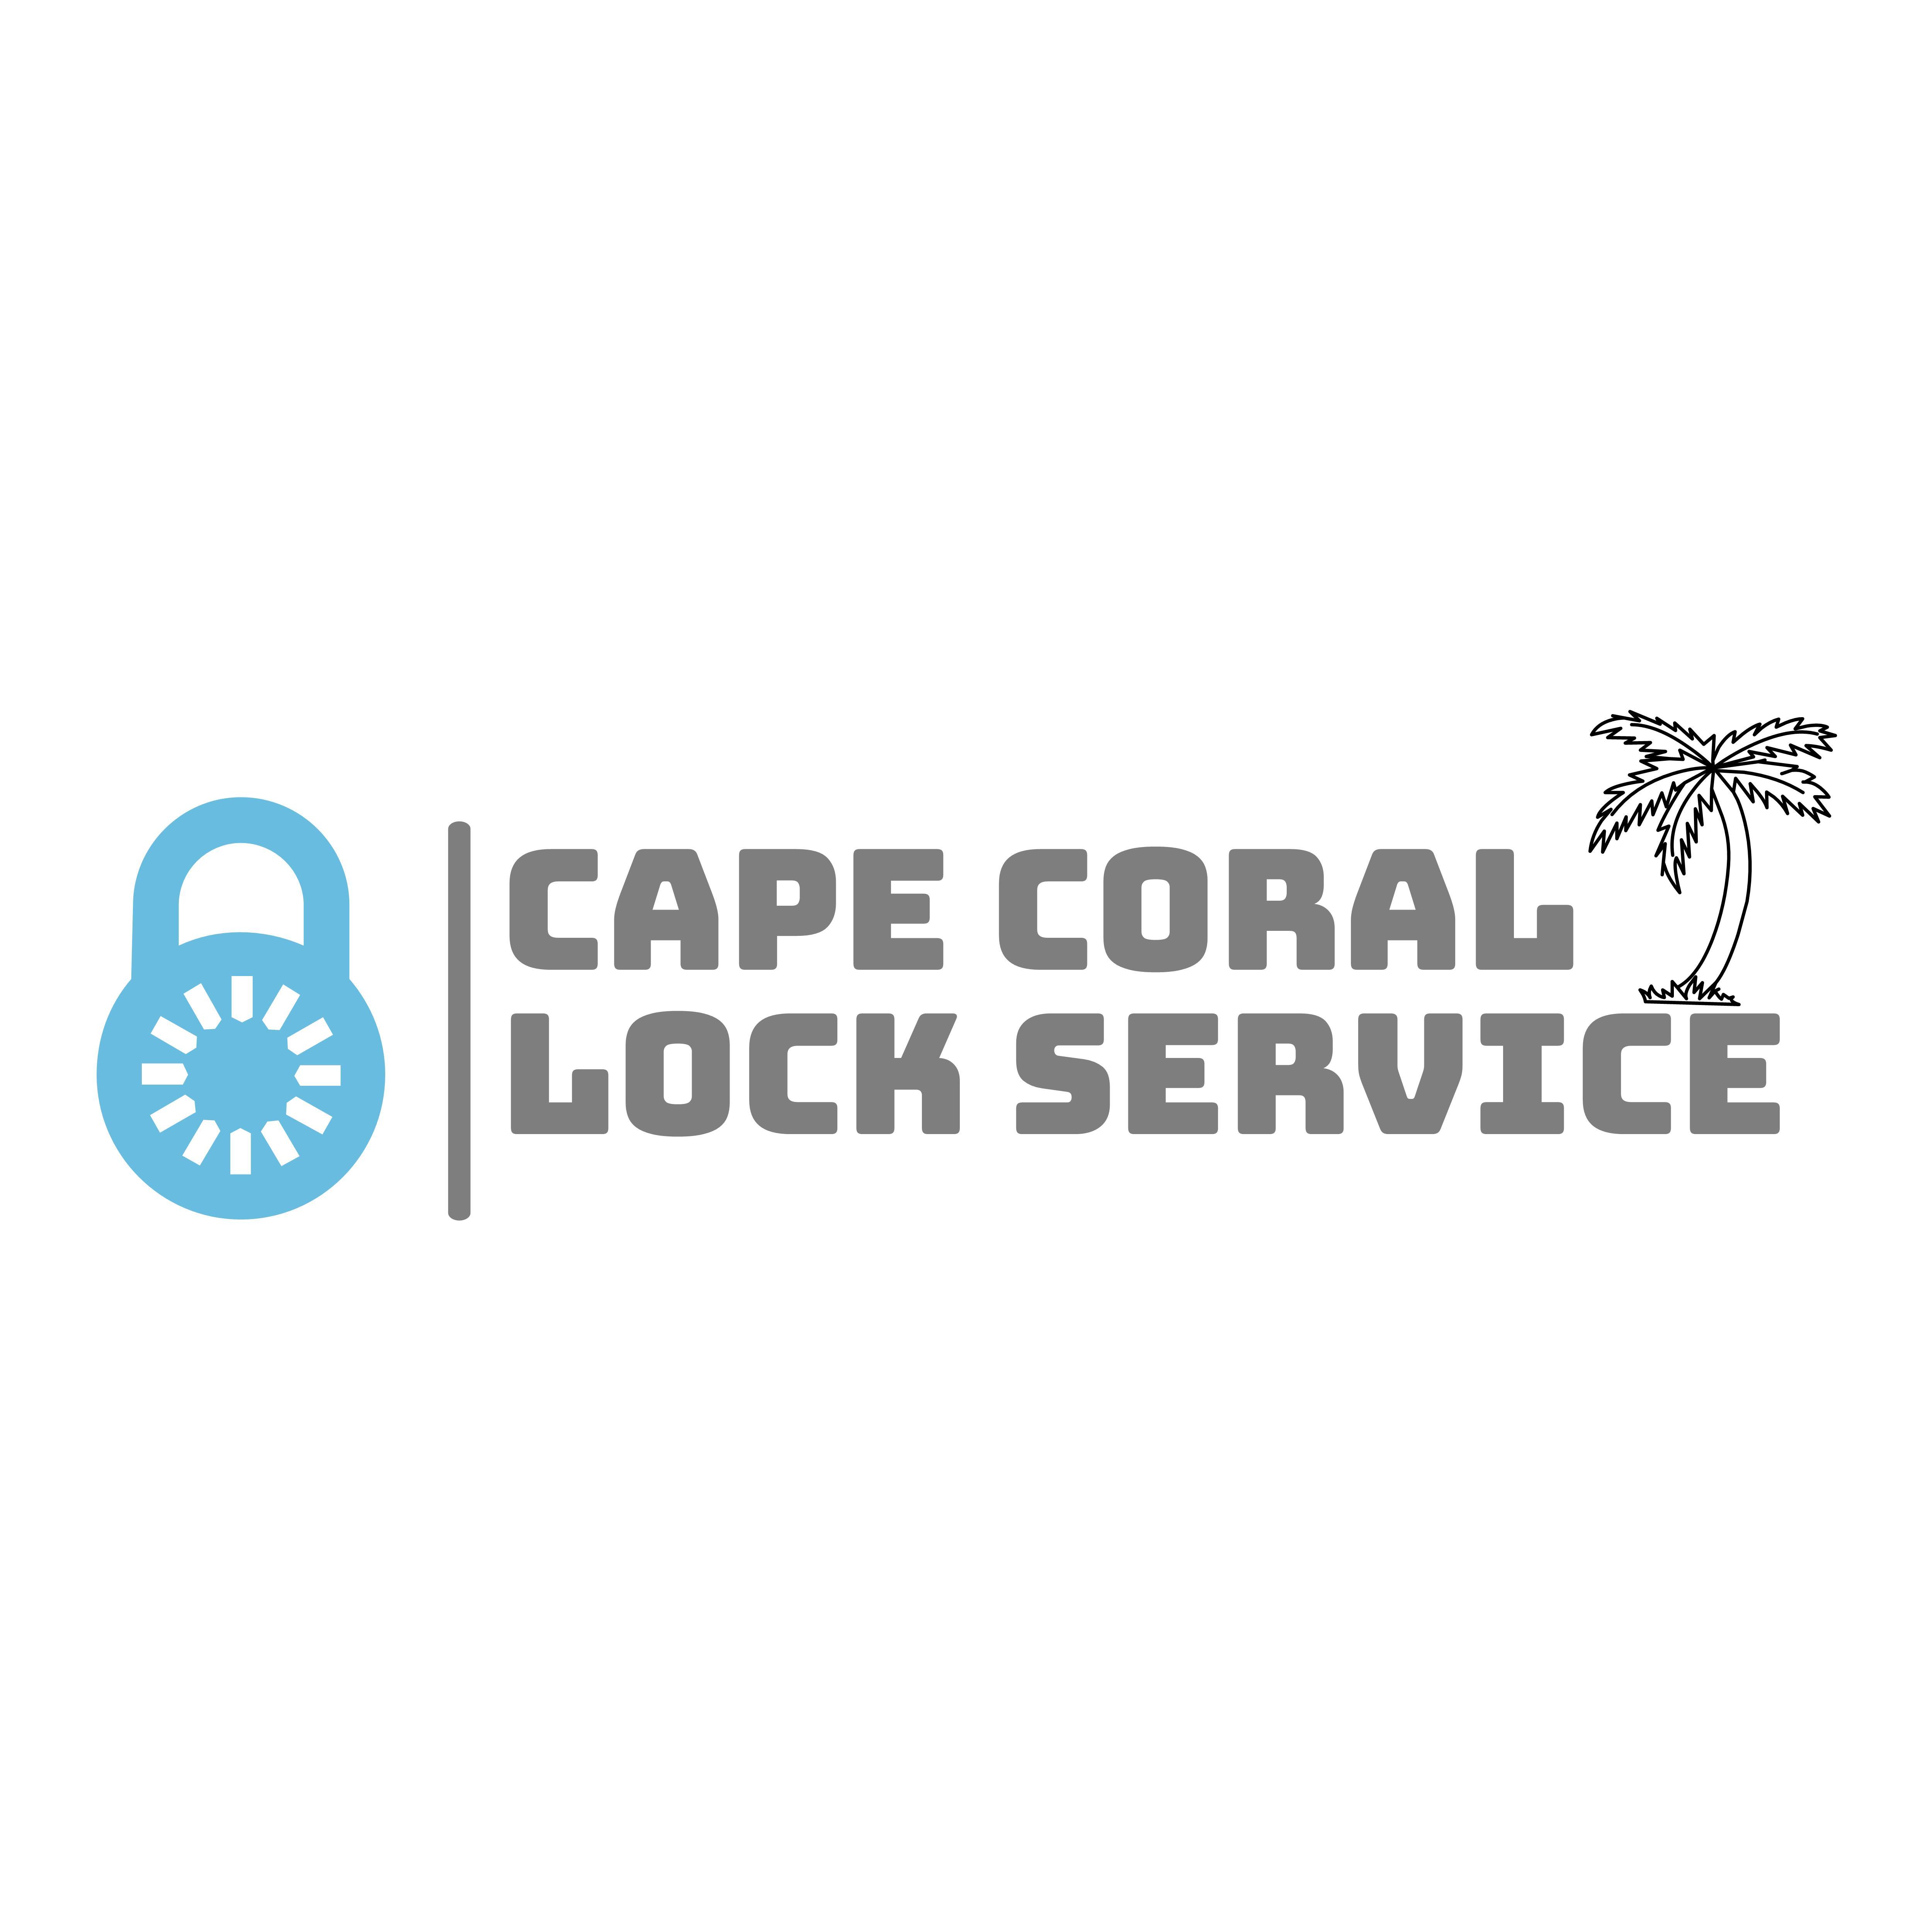 Cape Coral Lock Service